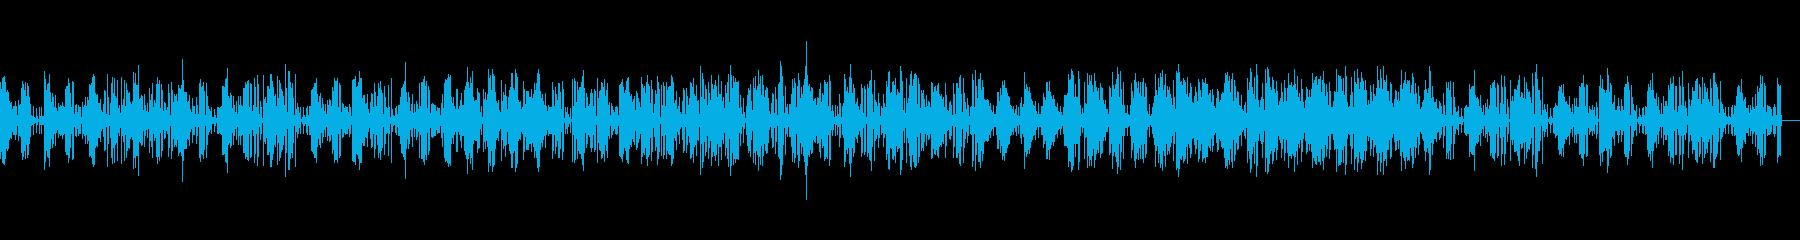 おしゃれでわくわくするメロディーの再生済みの波形